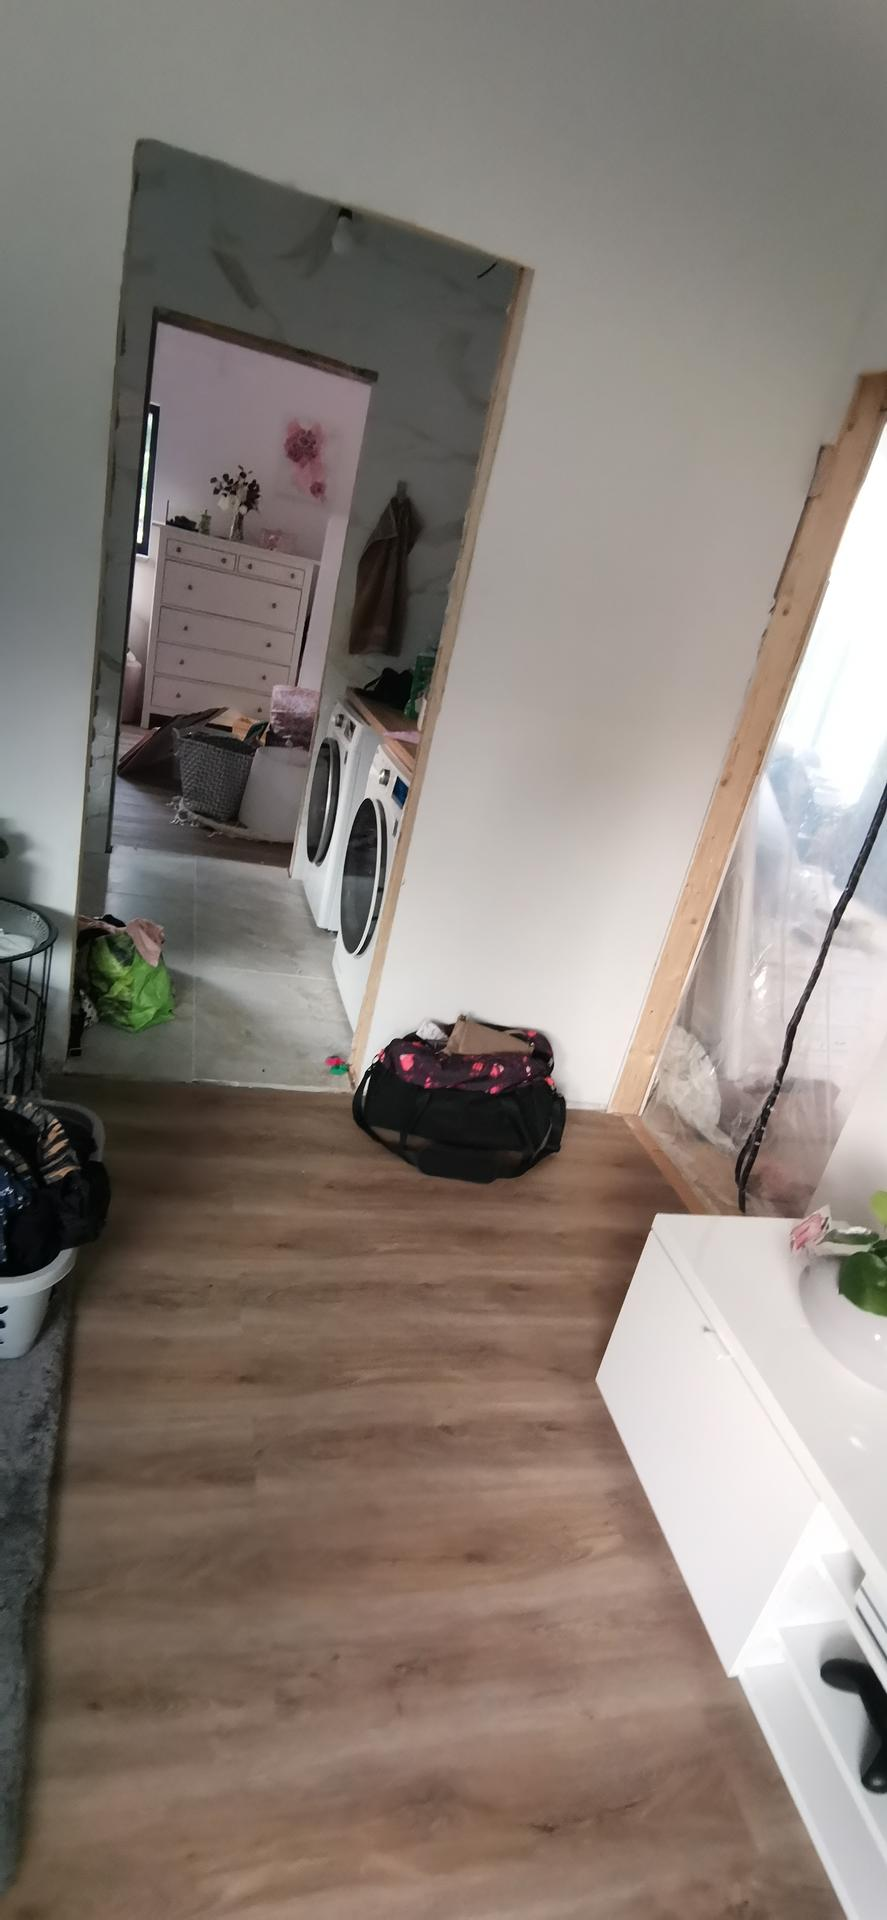 Jak bydlet za 3 měsíce - Holky mají mezi pokoji svou koupelnu.. Ještě spoustu dodělávek, ale bydlíme :)